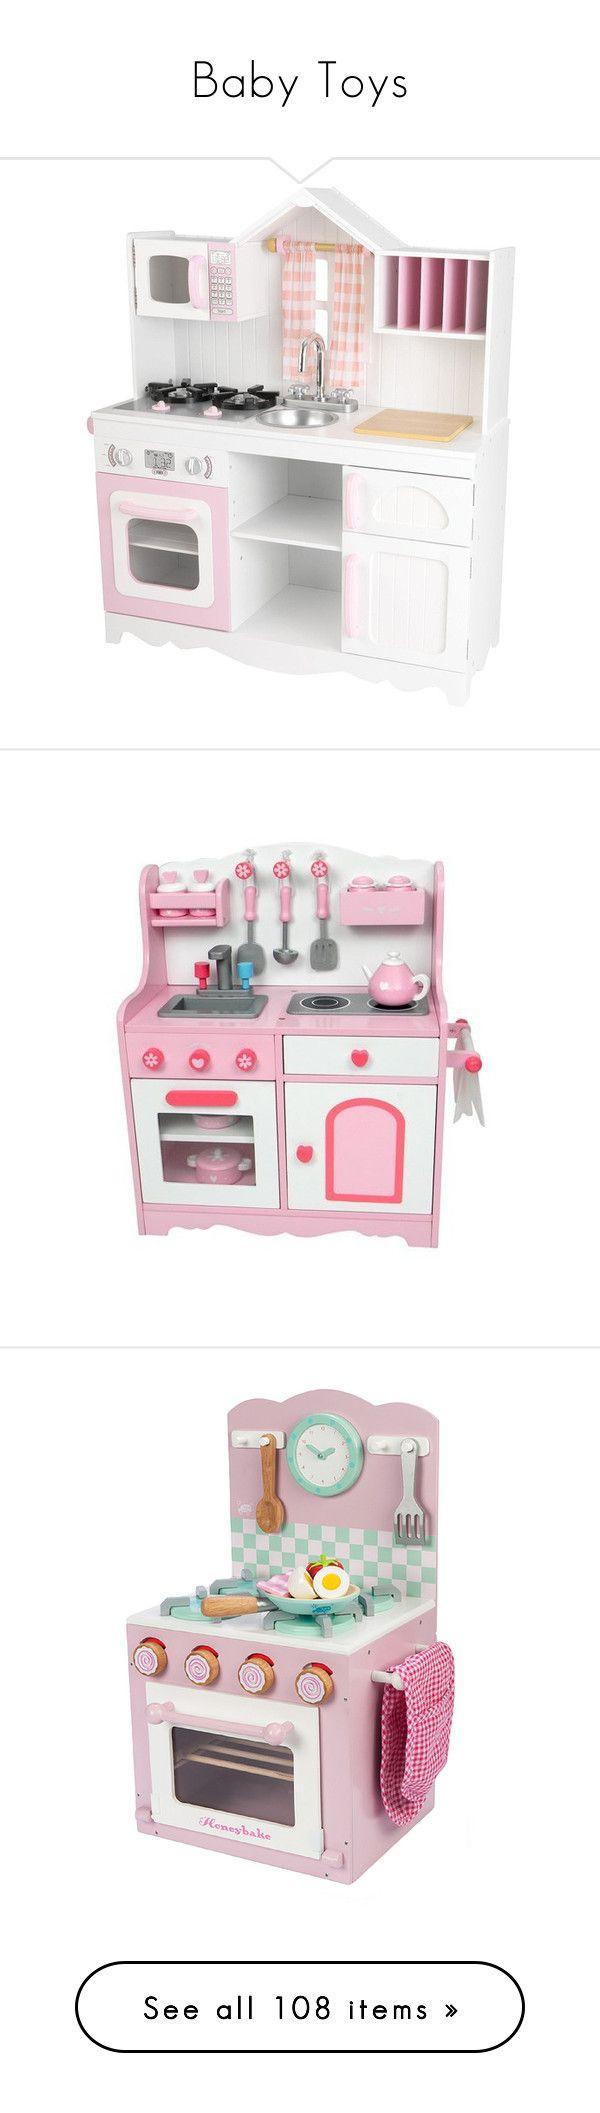 best 25 kidkraft kitchen ideas on pinterest toddler kitchen collection featuring kidkraft kitchen dining kidkraft toys and 106 other items